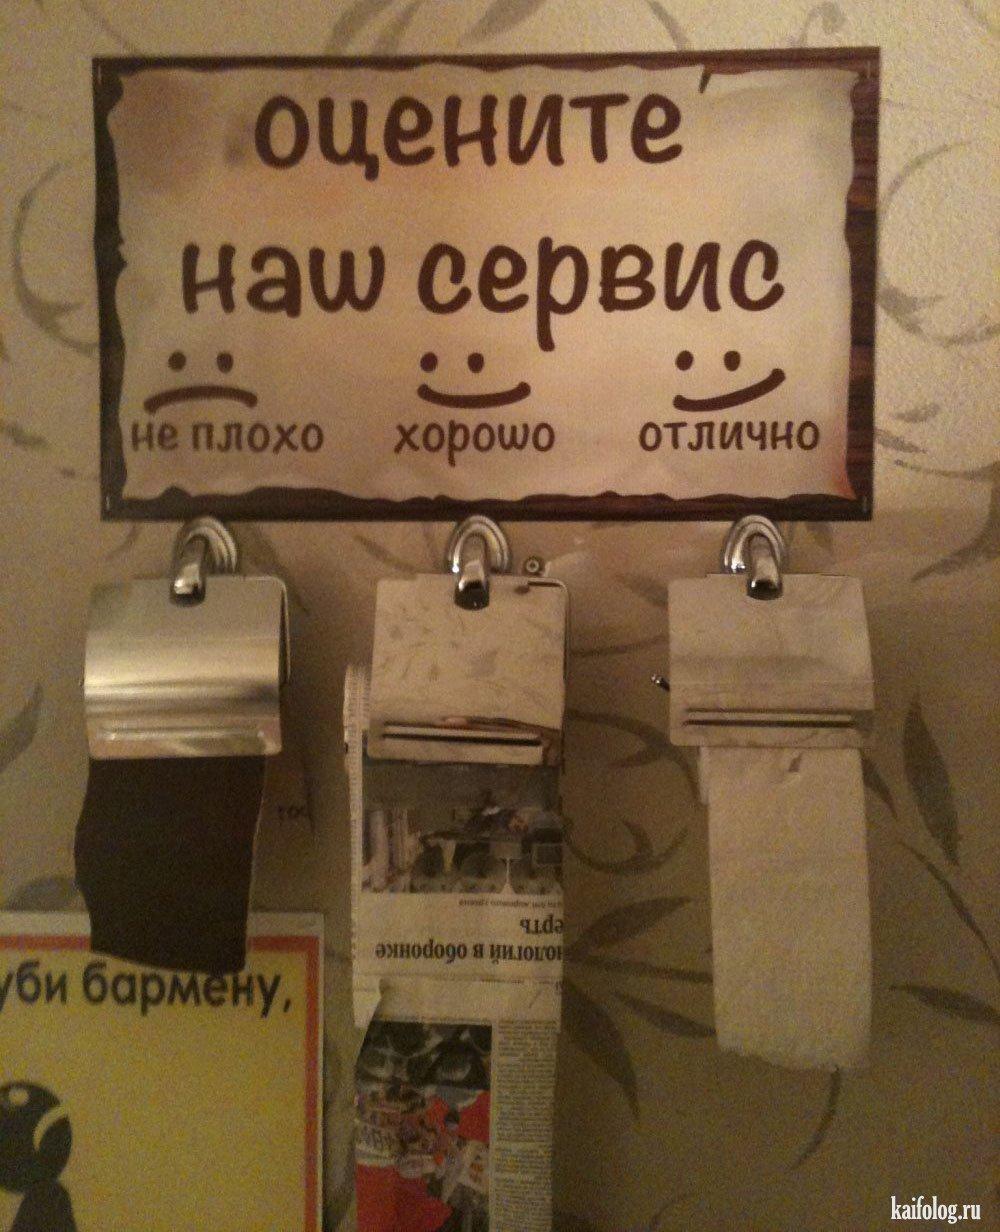 Картинки про туалетную бумагу смешные